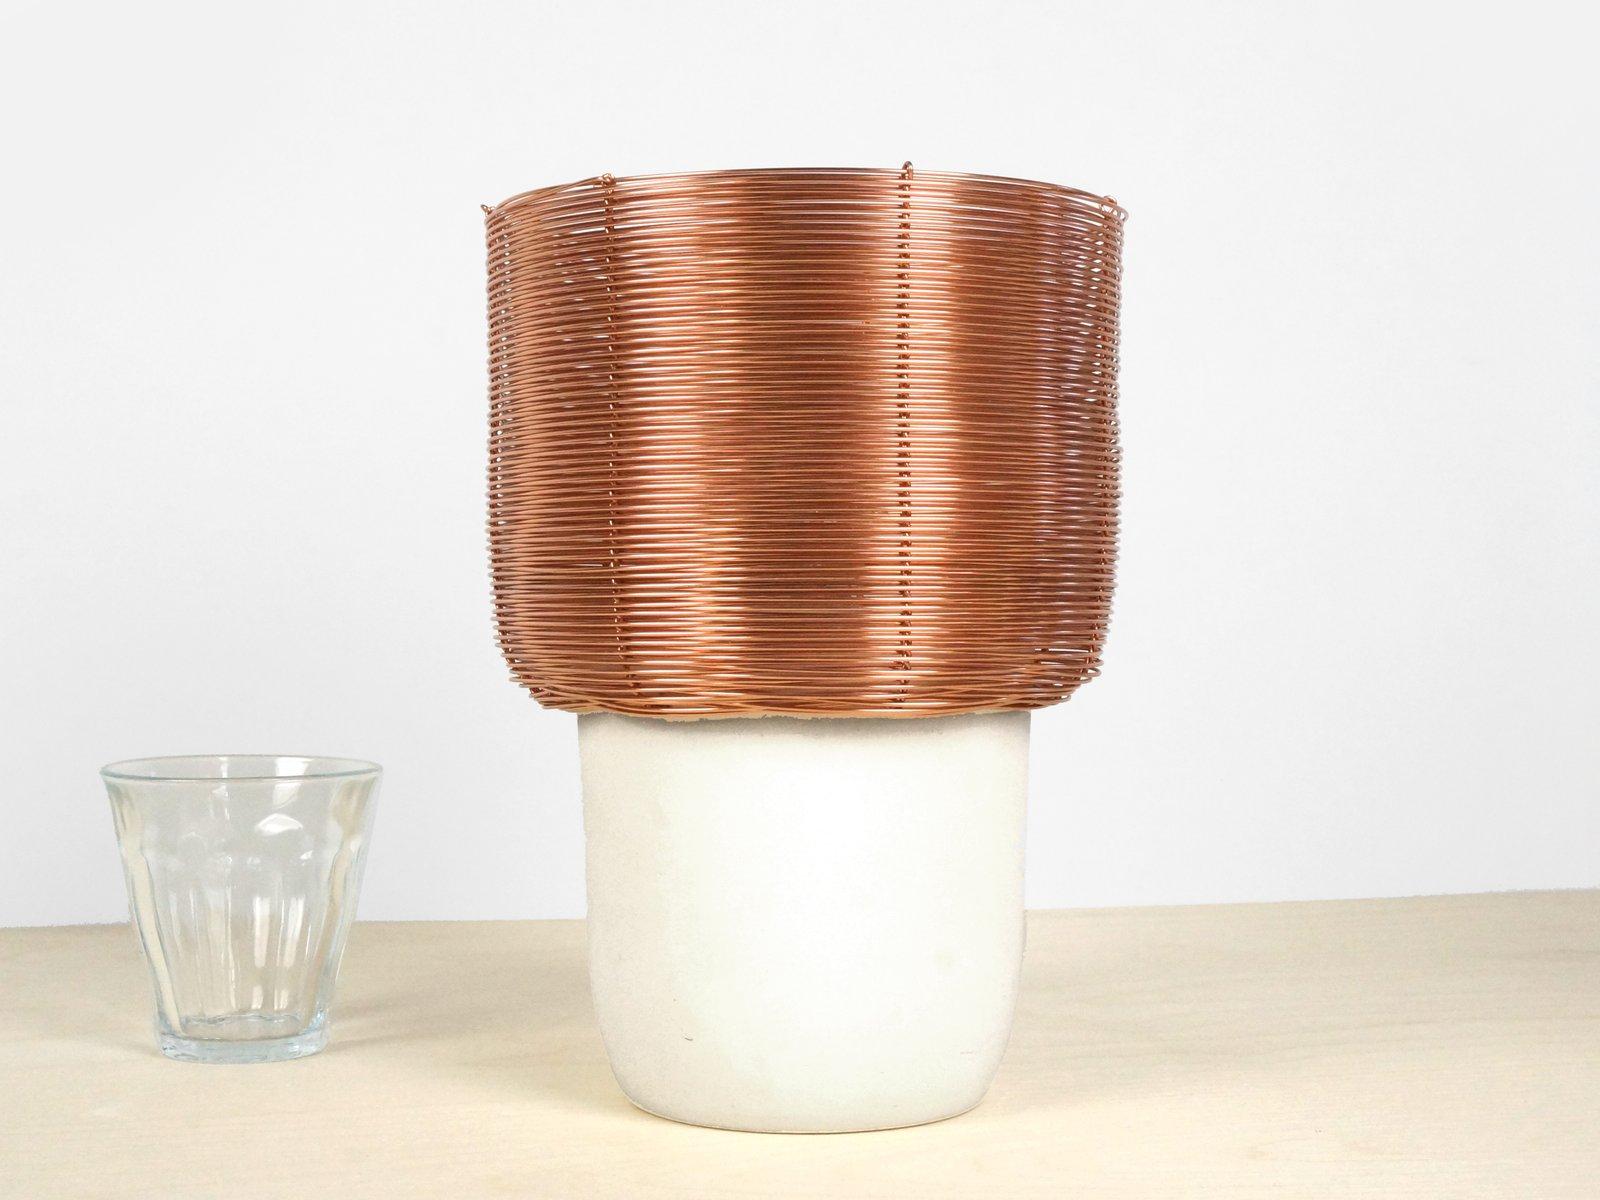 Tischlampe aus Kupferdraht von Studio Lorier